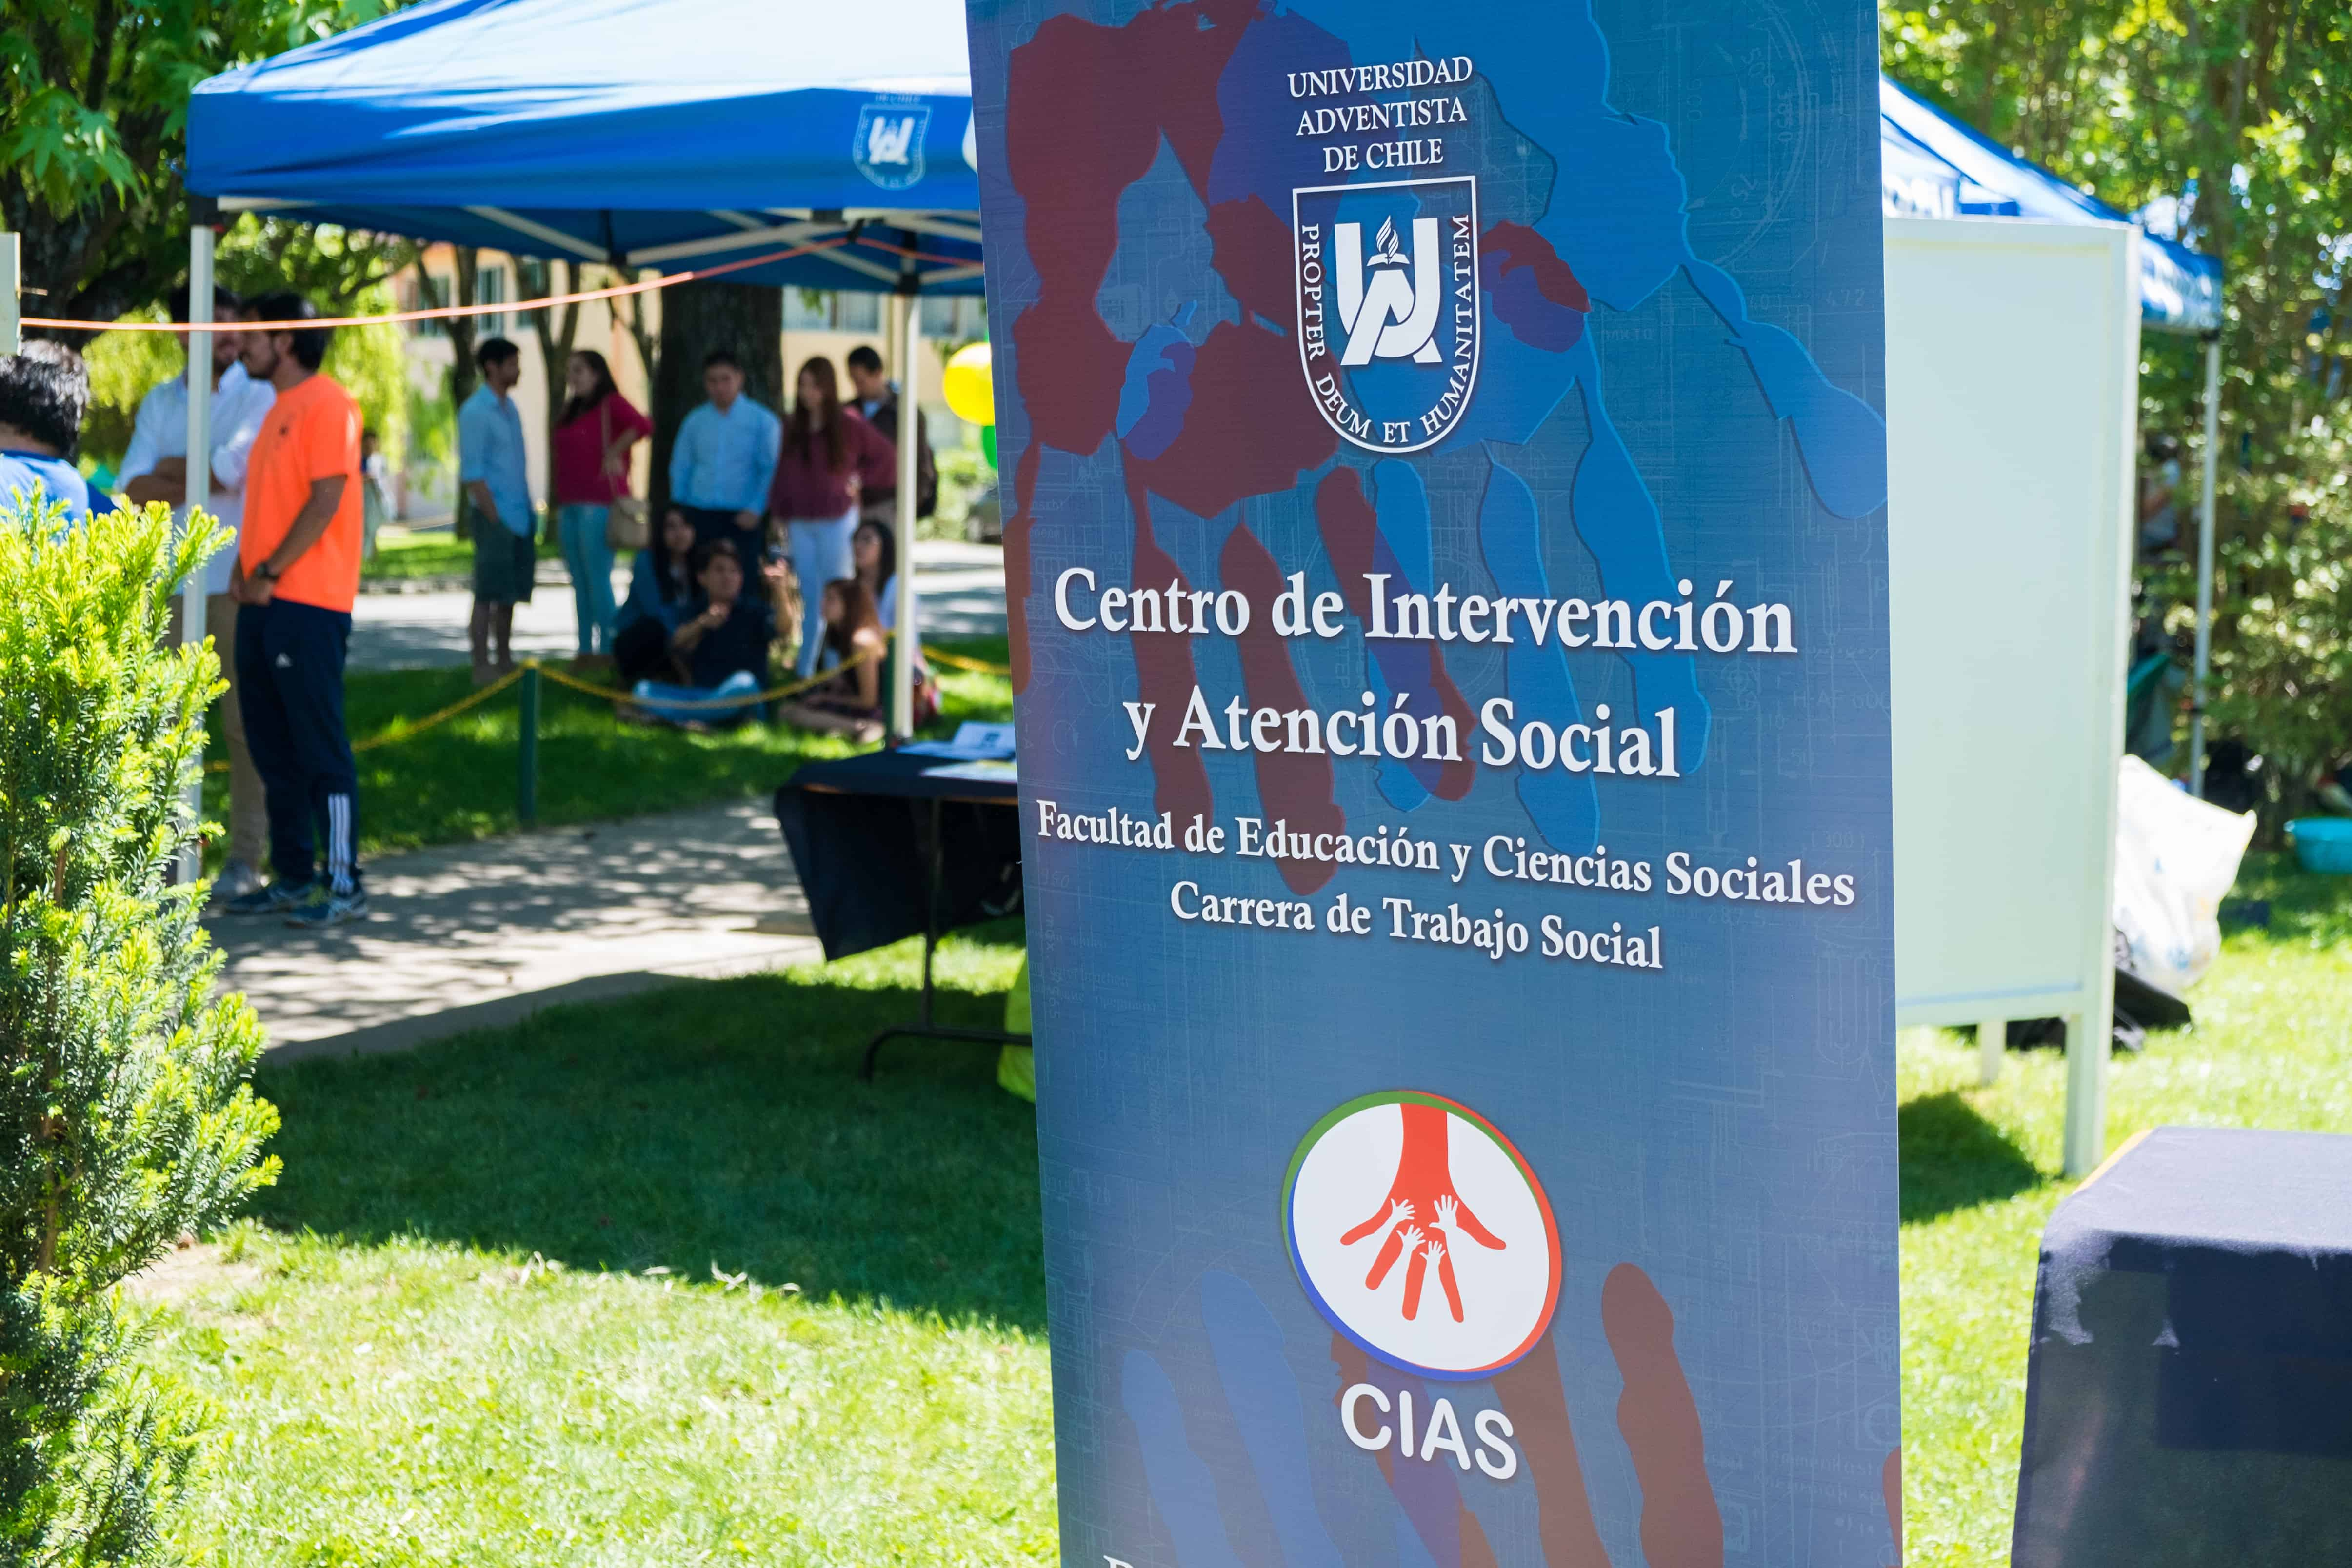 CIAS de Carrera de Trabajo Social Cierra sus Actividades 2017